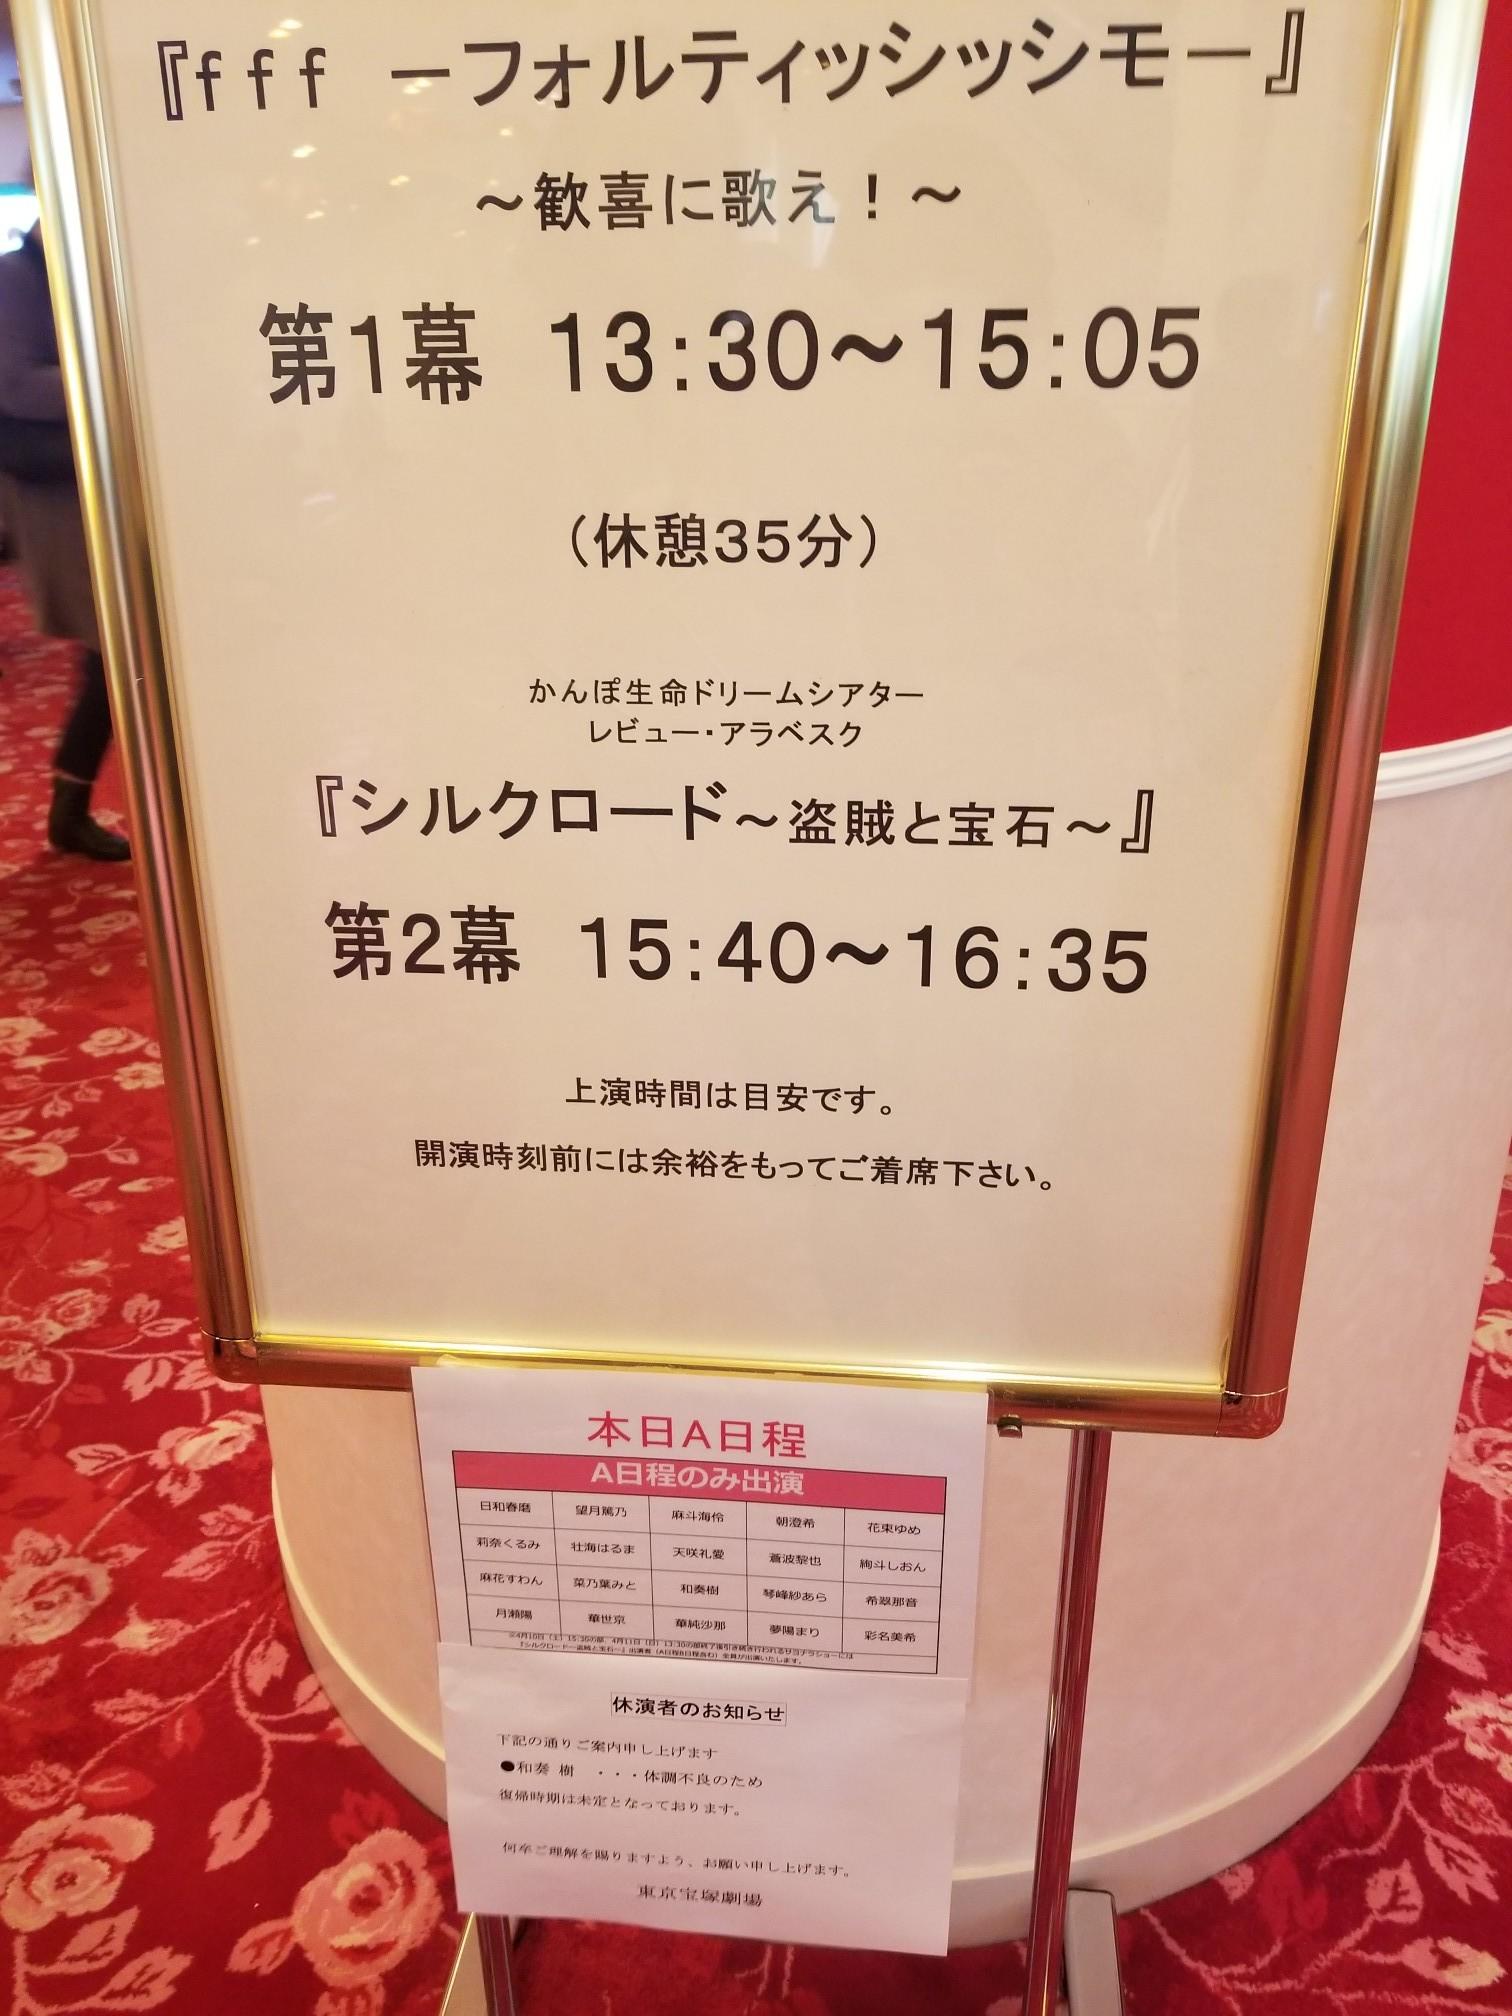 ♪大好きなスポット★花散策&観劇模様_d0162225_09541656.jpg